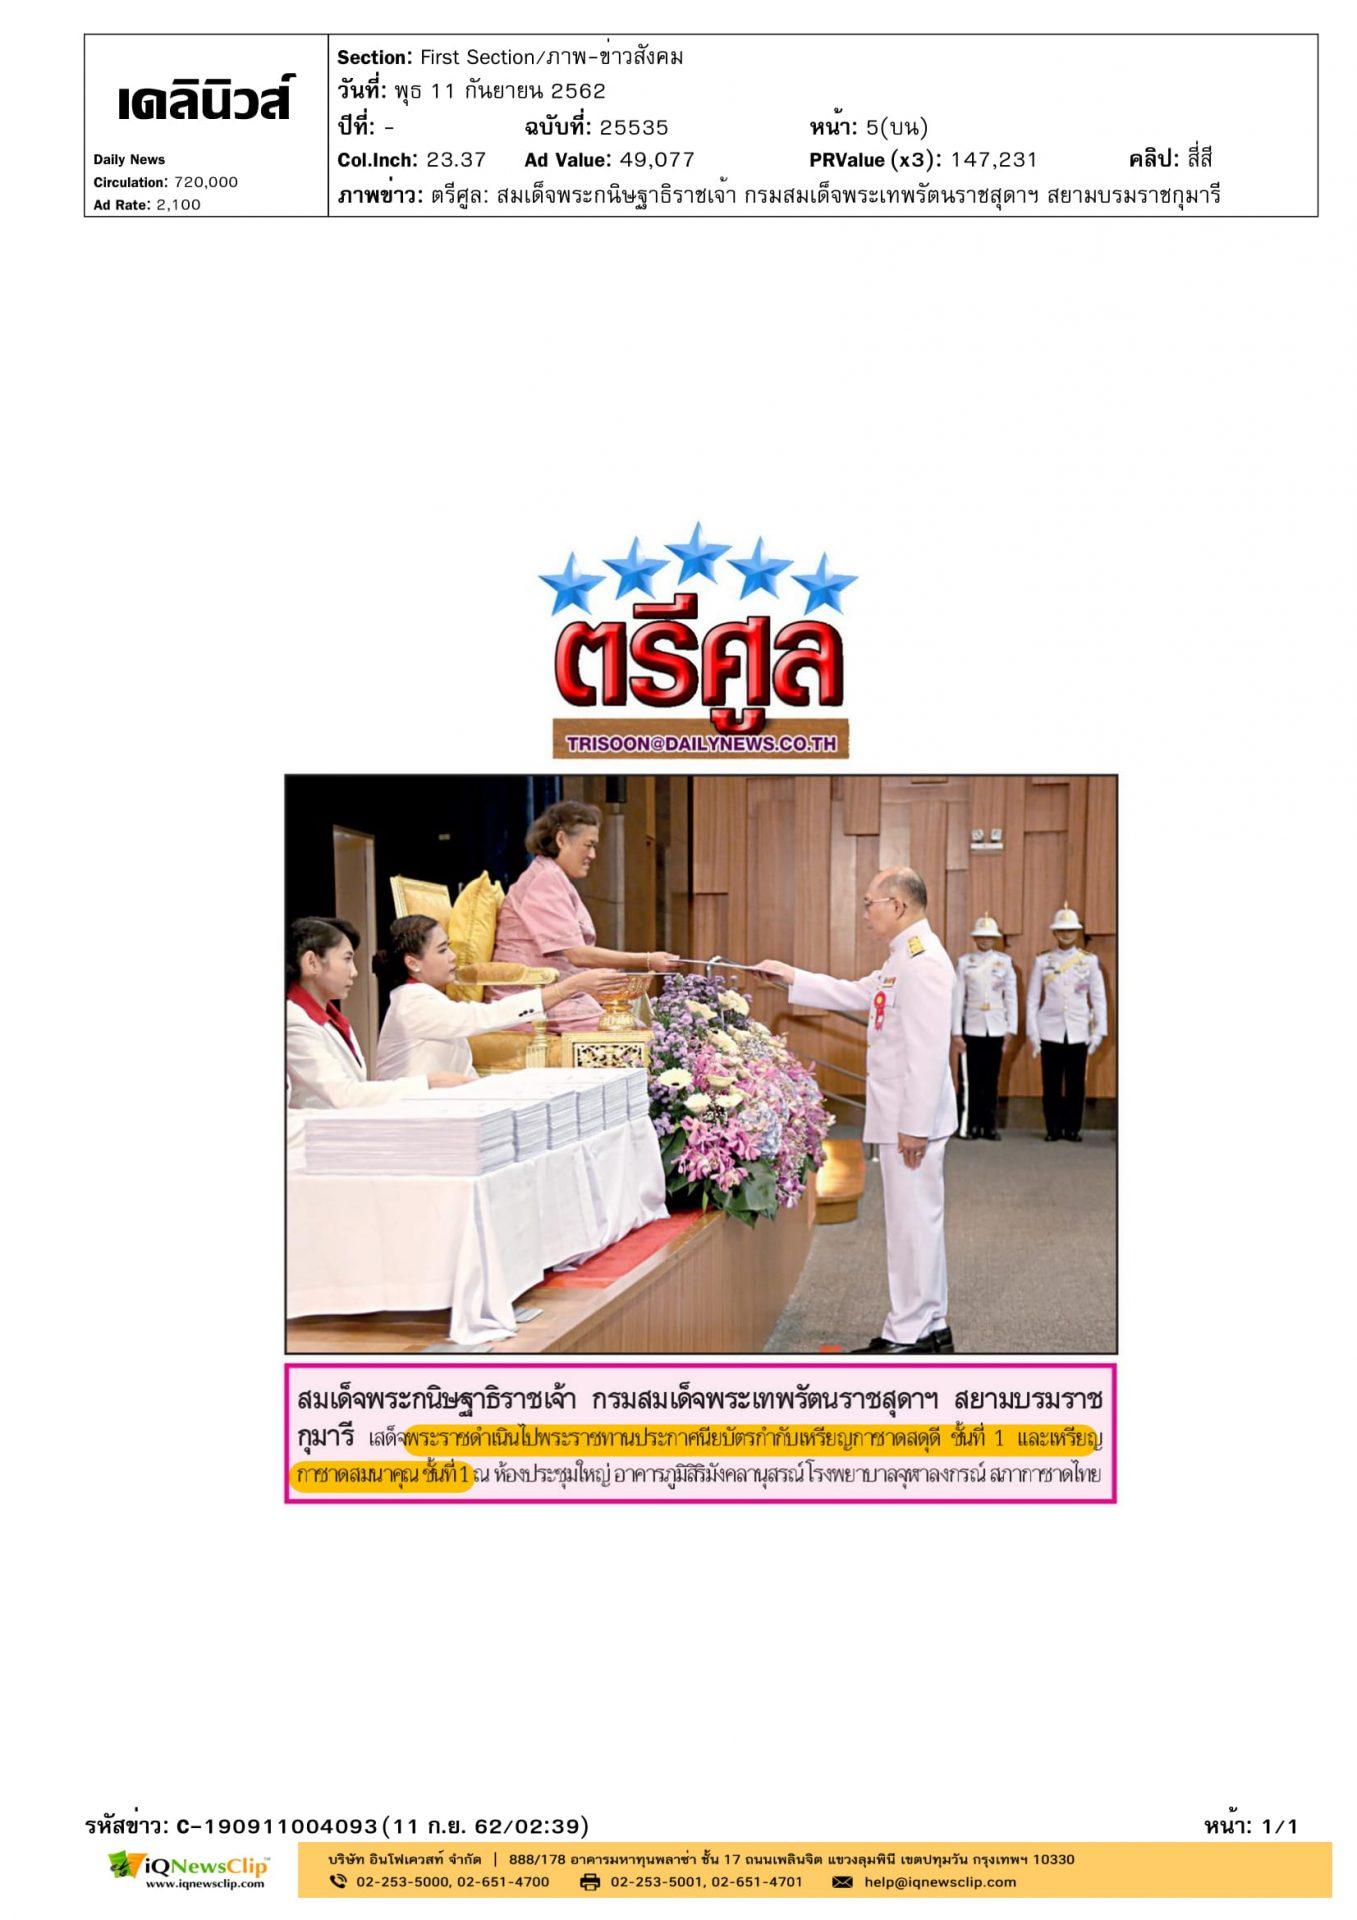 ประชุมคณะกรรมการสภากาชาดไทย ครั้งที่ 334